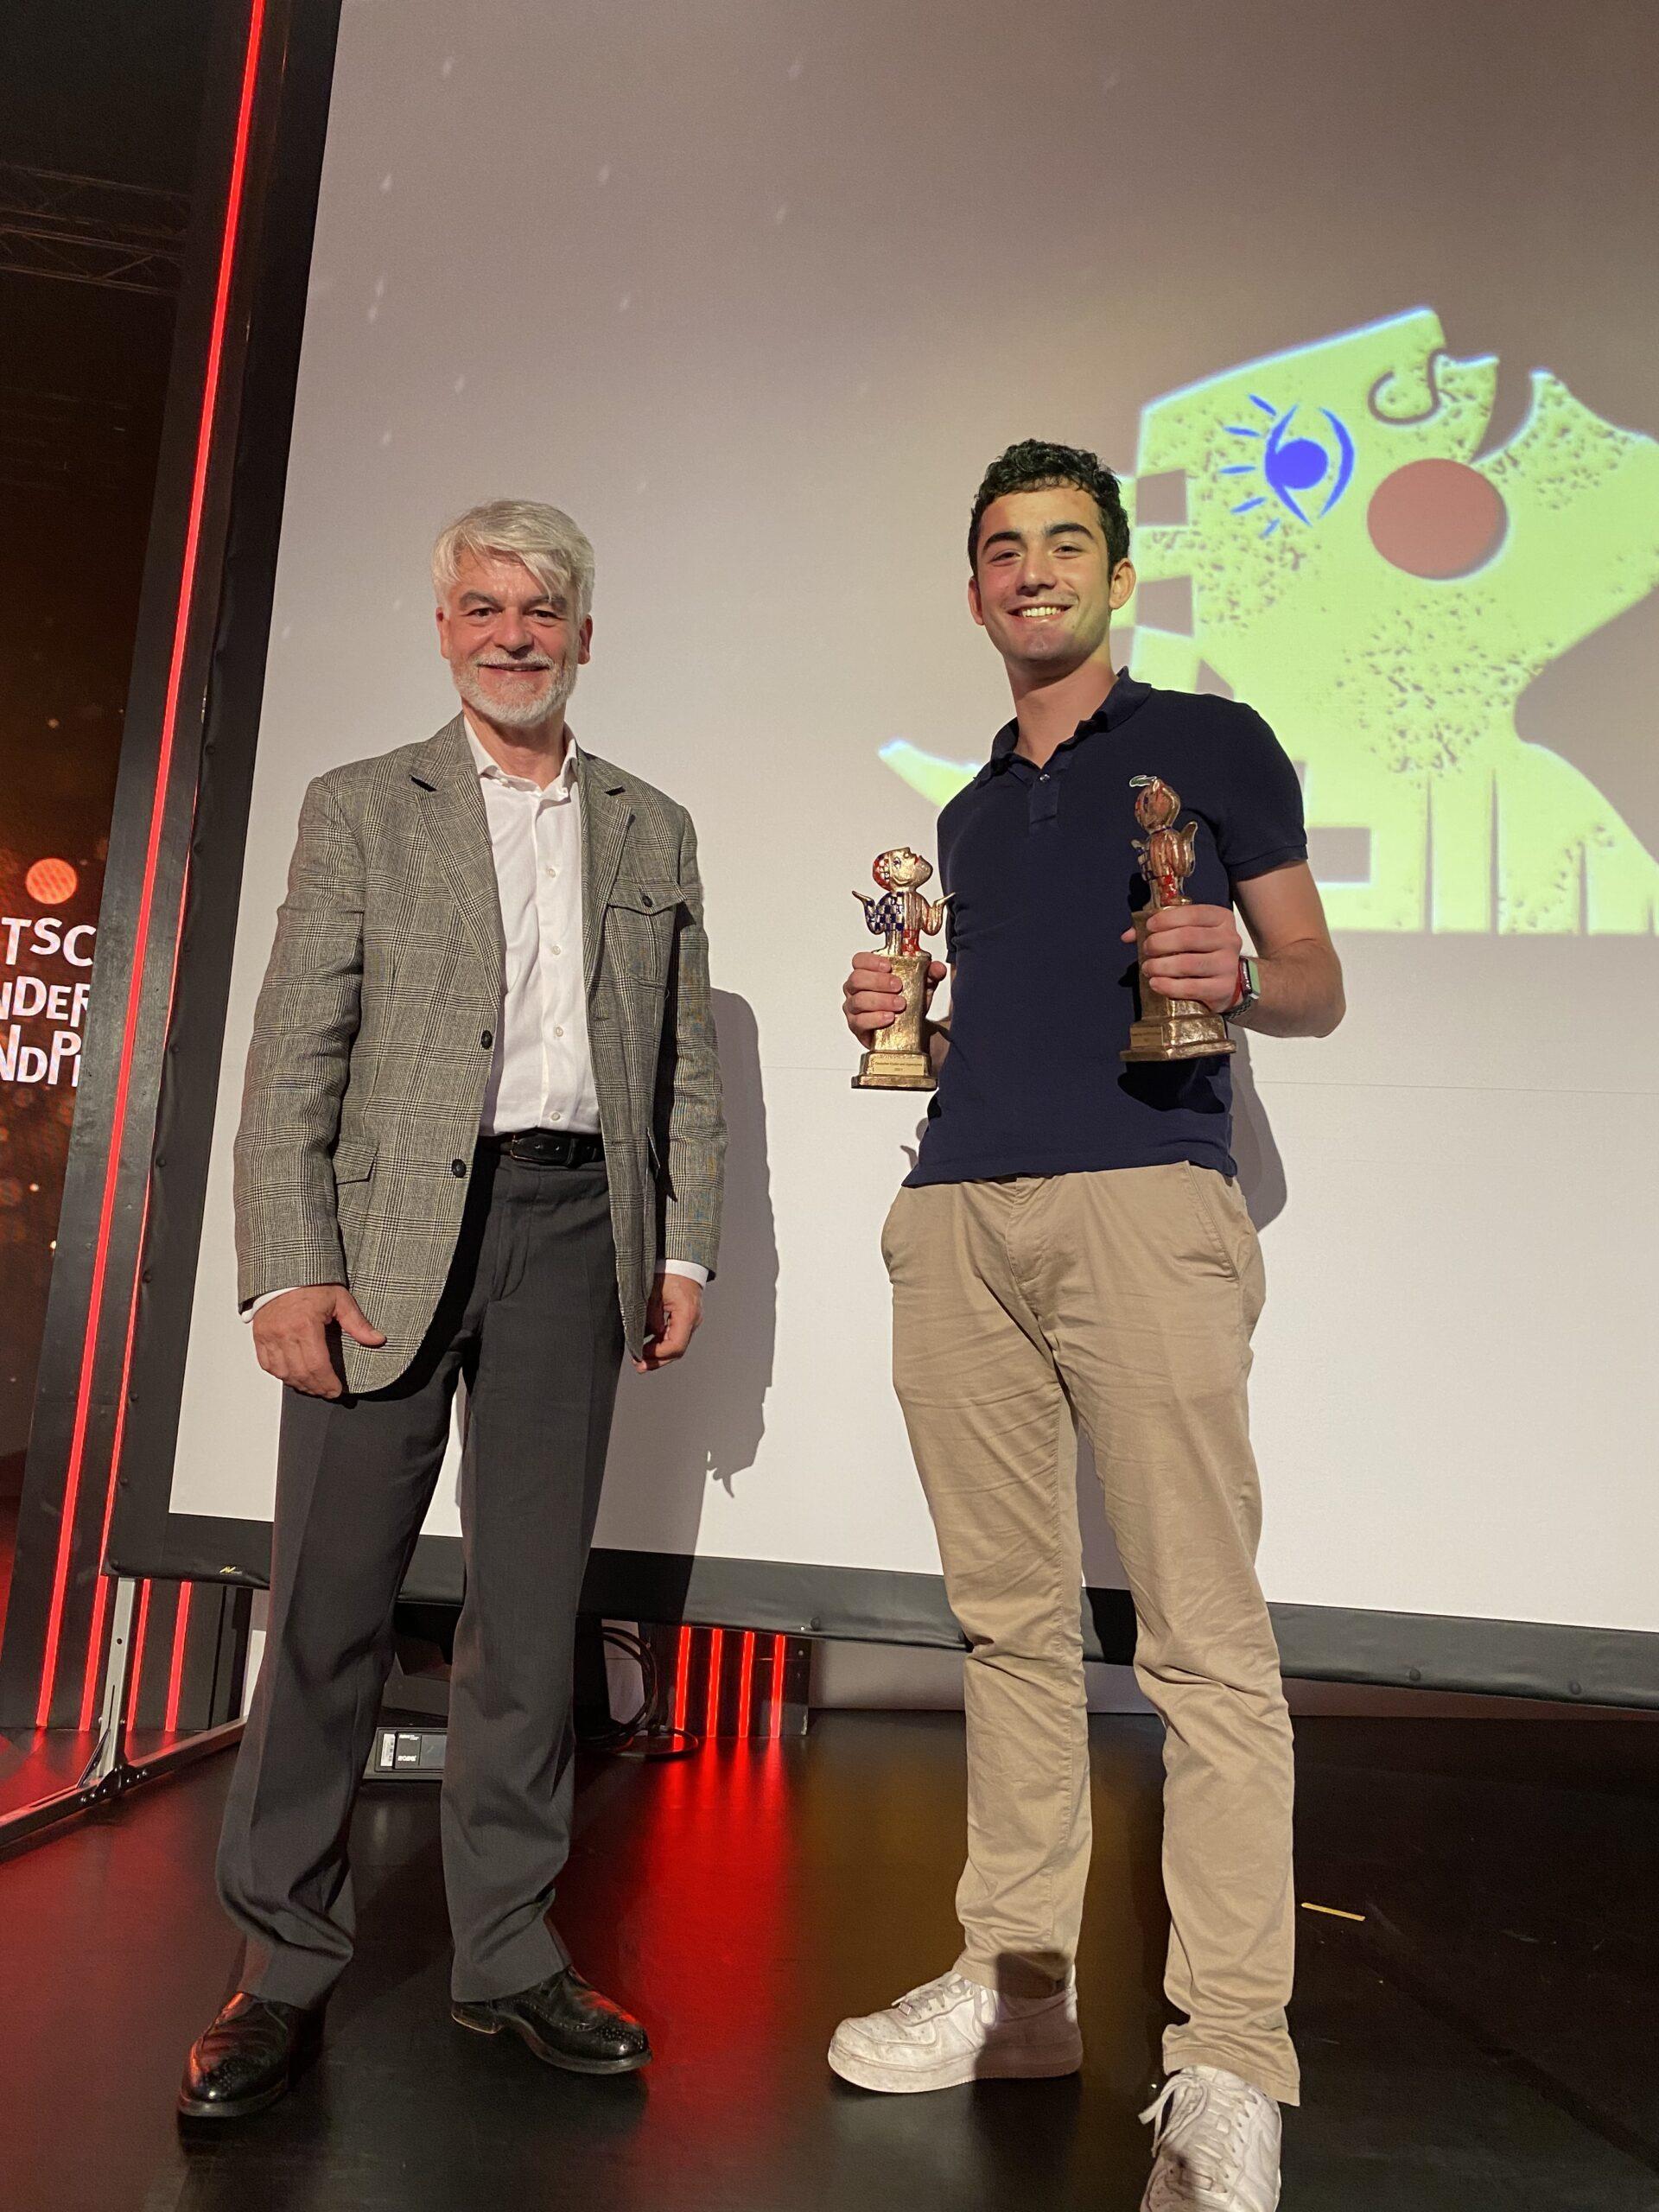 Christian Kipper mit dem Gewinner des Deutschen Kinder und Jugendpreises Noah vom Projekt CoronaPort.